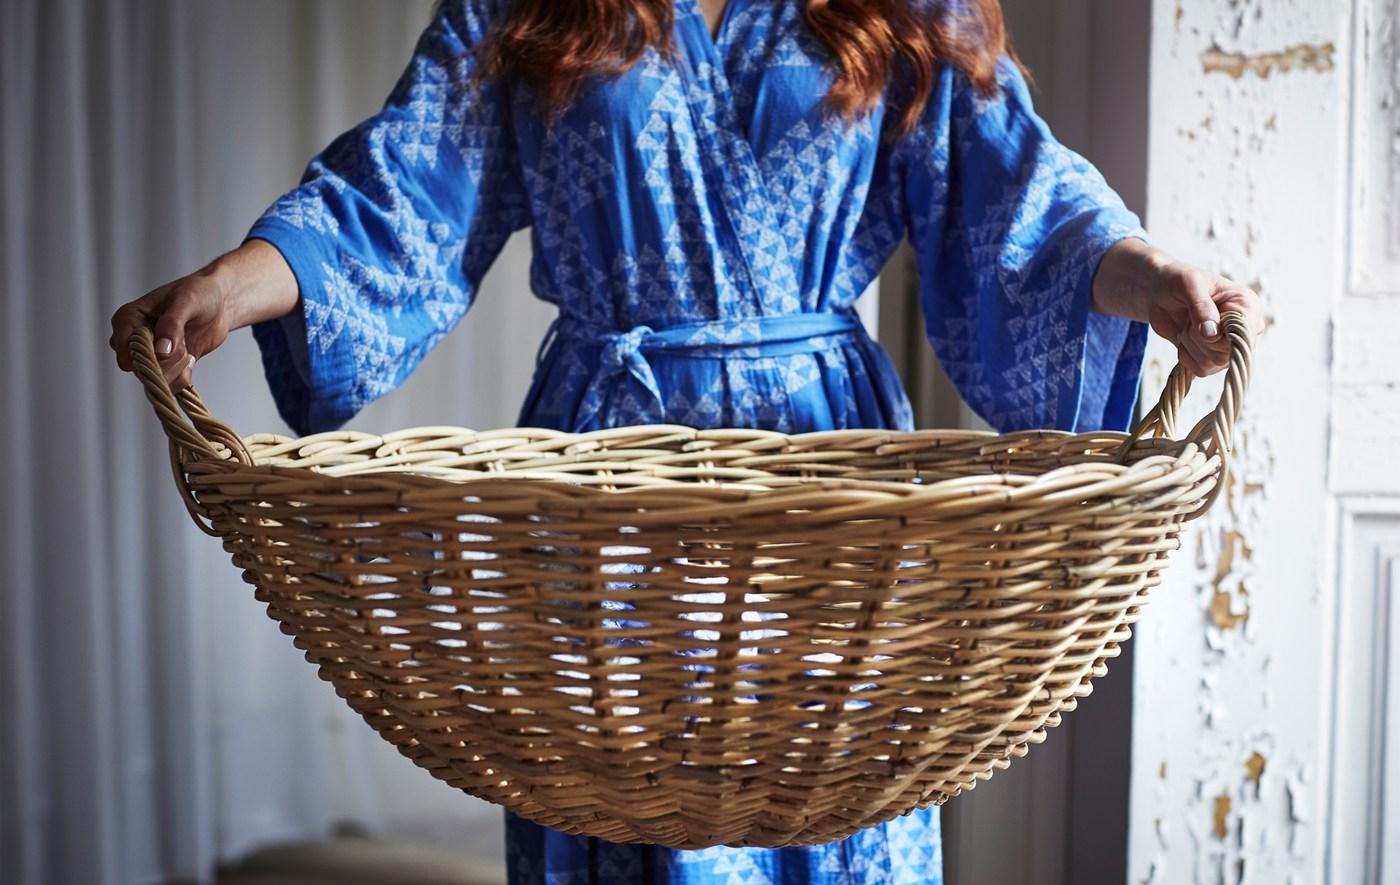 Osoba v modrém kimonu drží velký rattanový košík